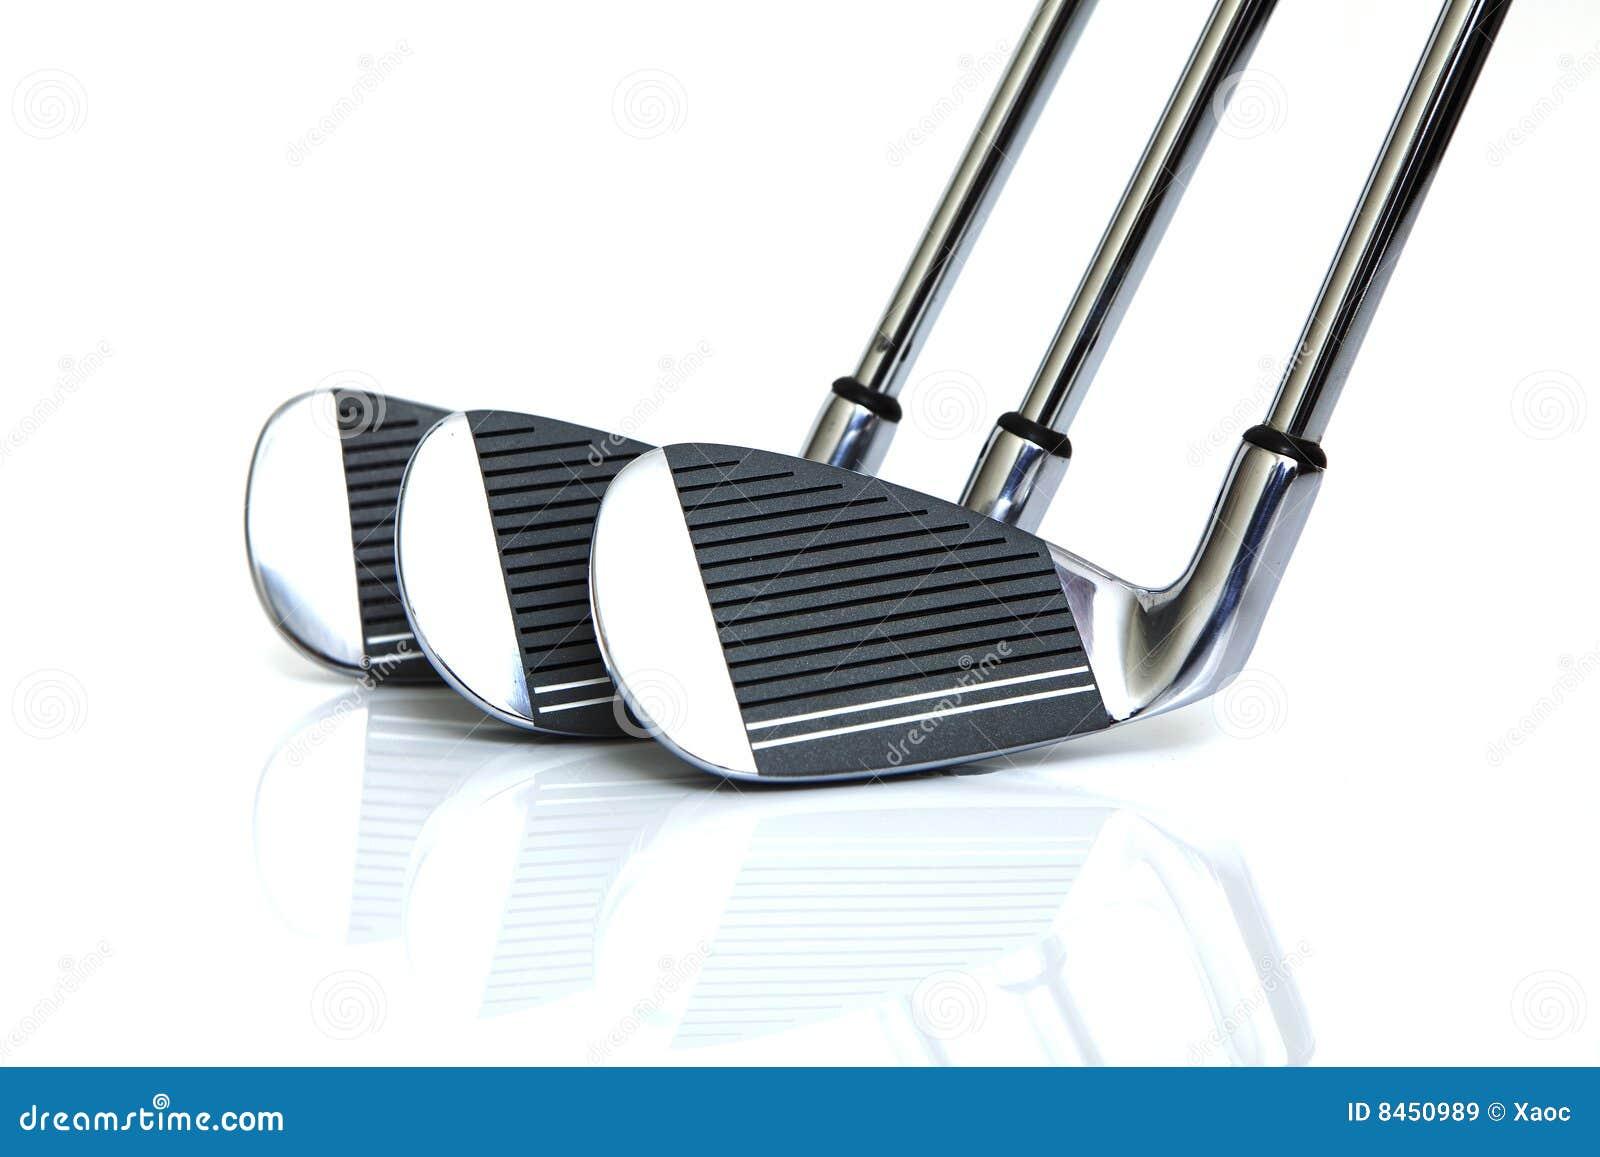 Klubbor golf isolerat